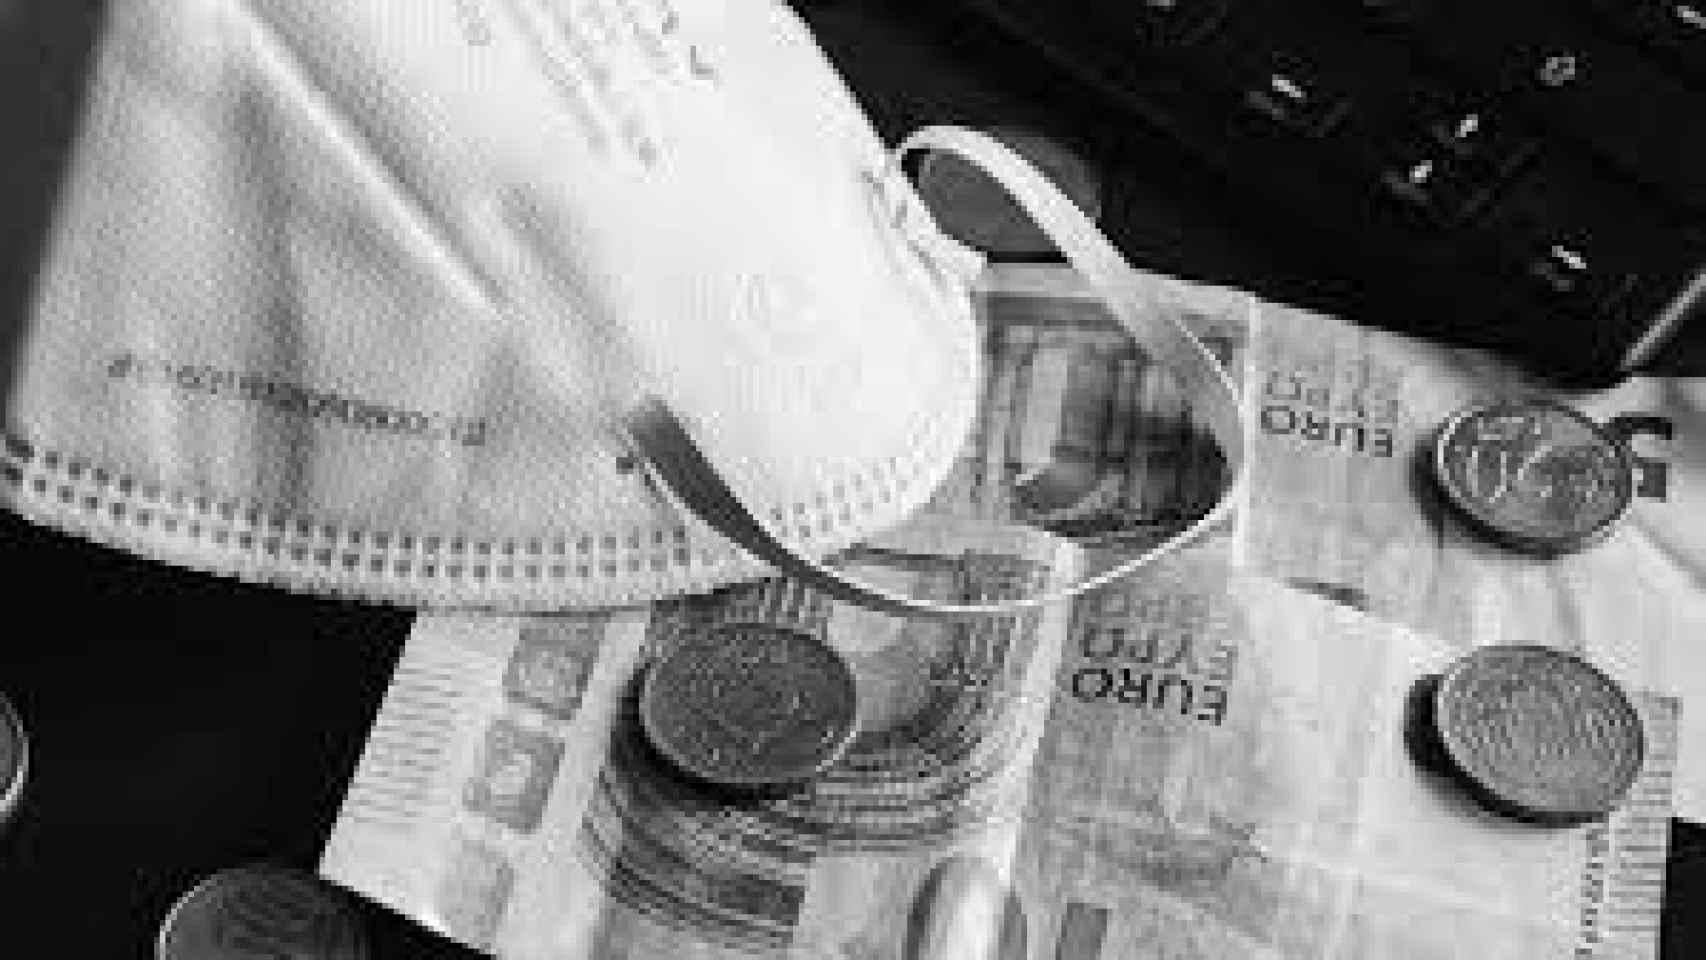 La deuda pública es la droga de nuestra economía